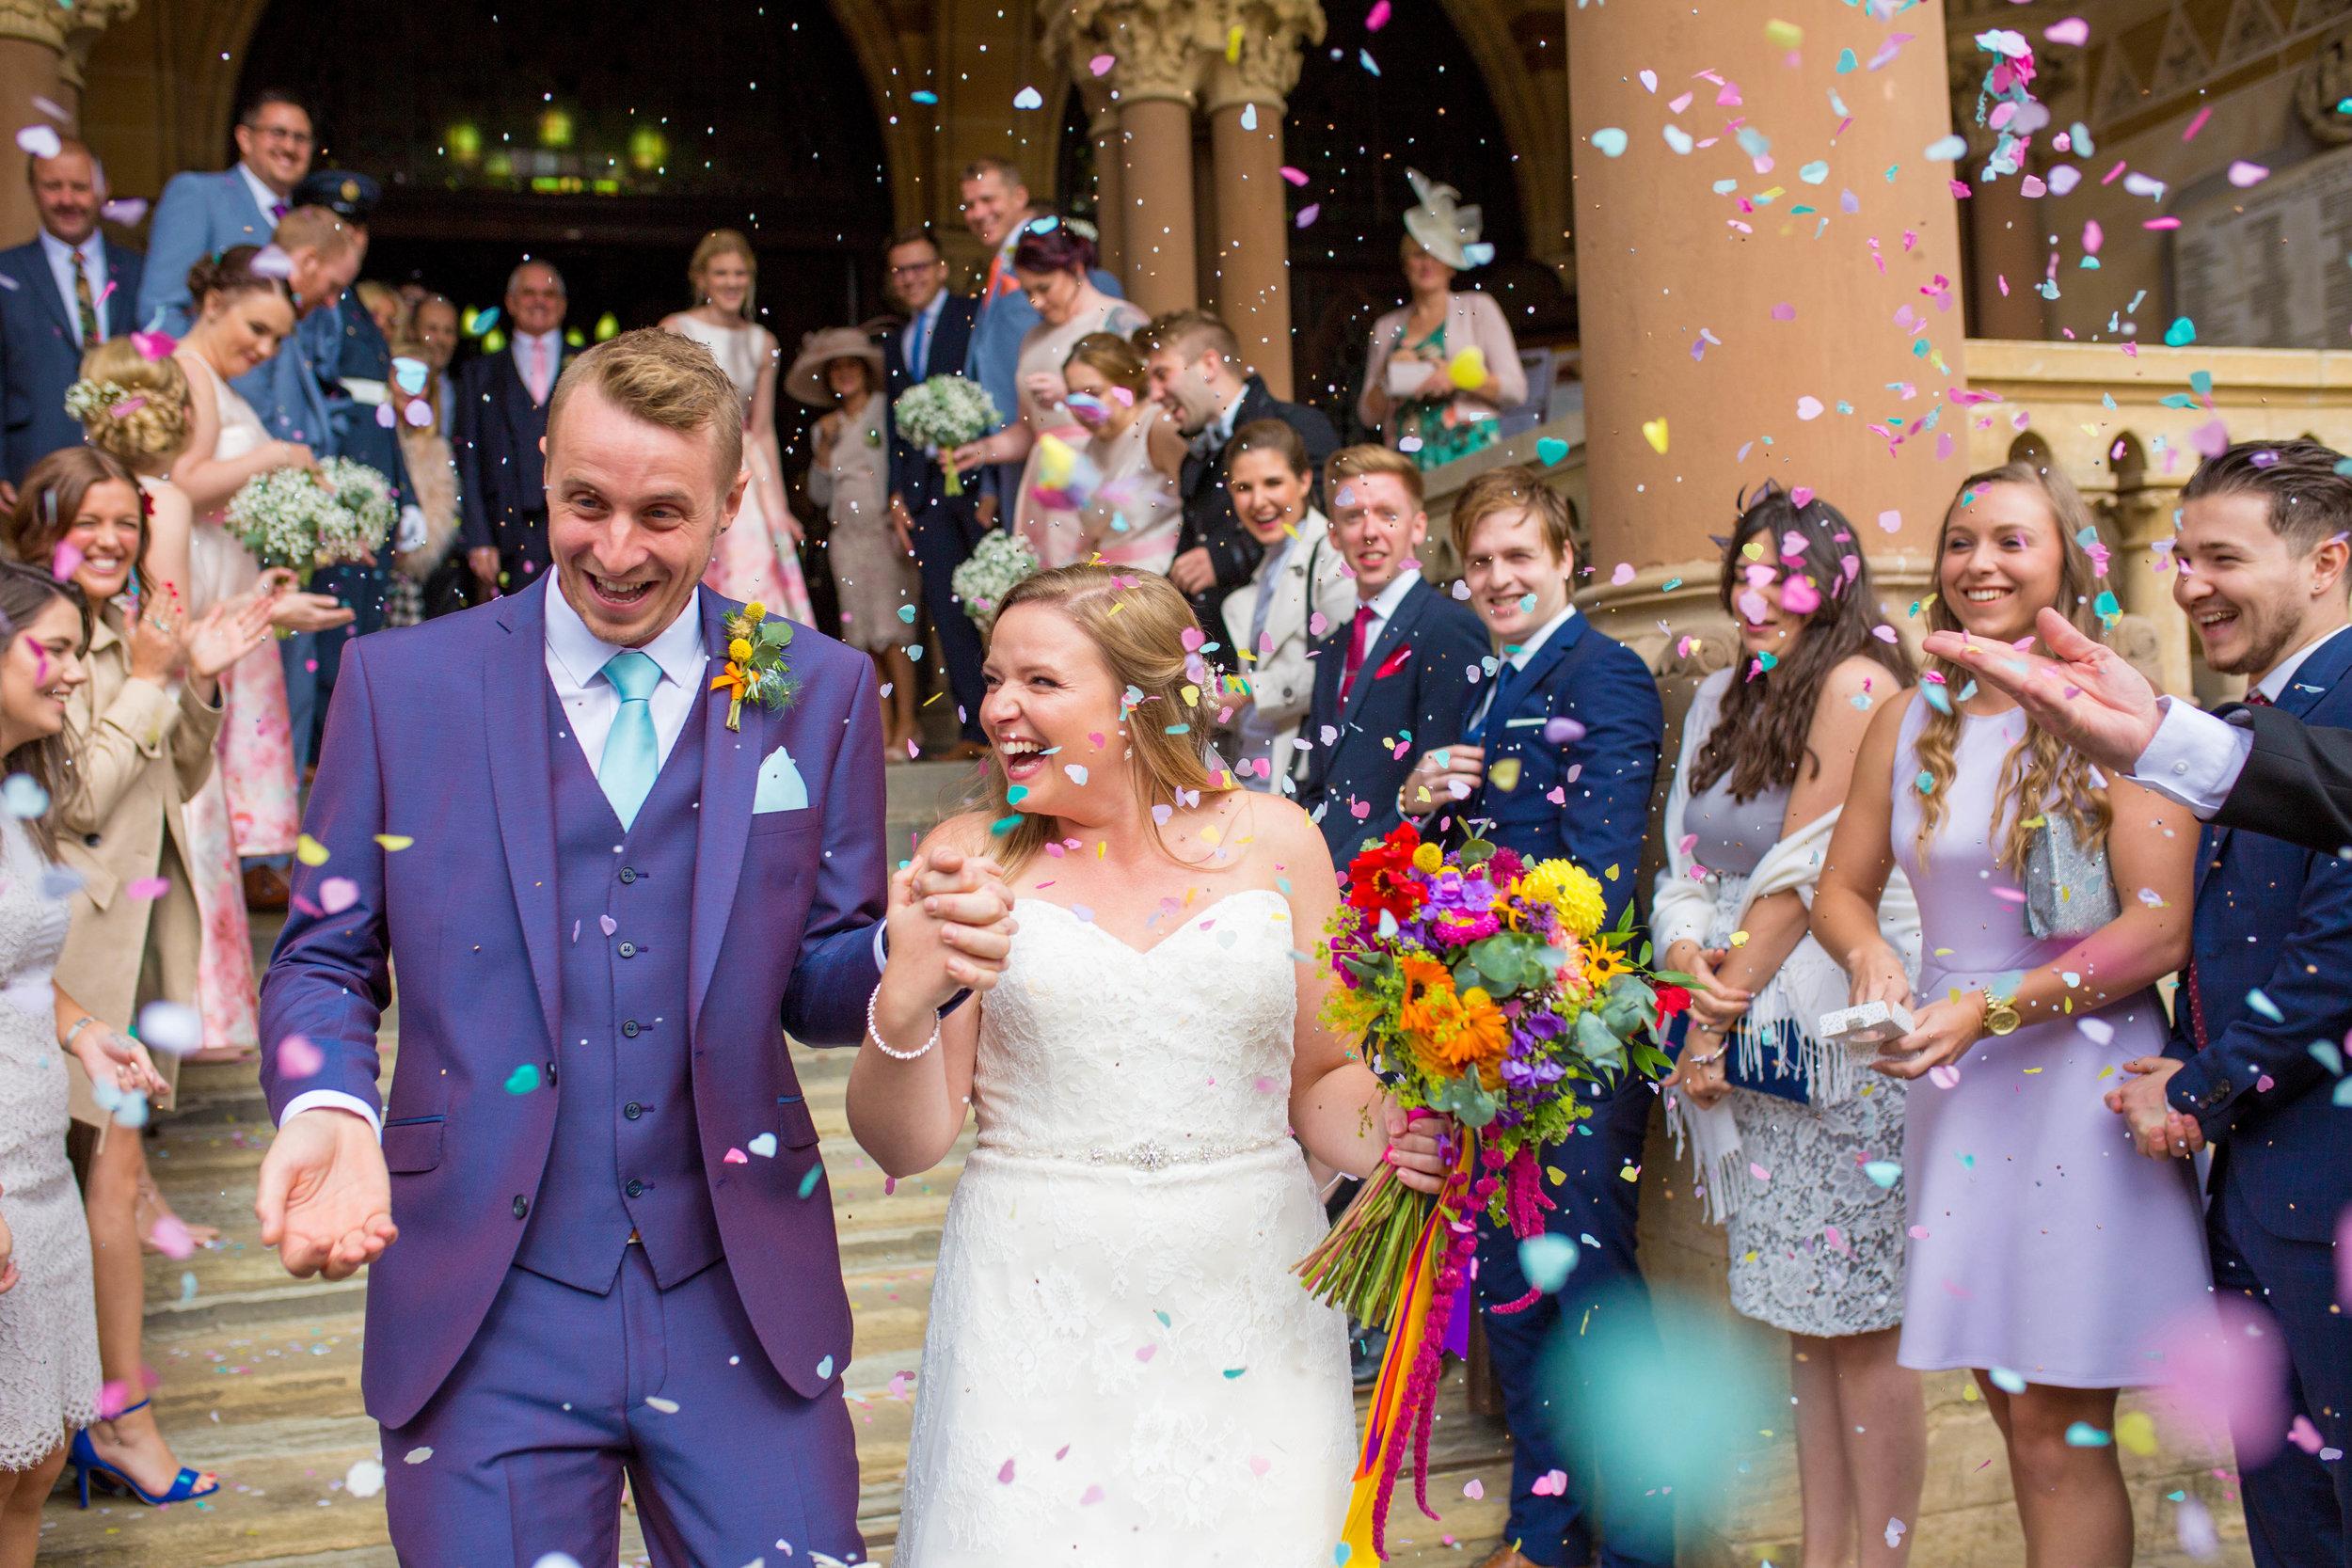 Sywell_Grange_Northampton_Wedding_Nick_Labrum_Photo_Nicola&Ed-227.jpg